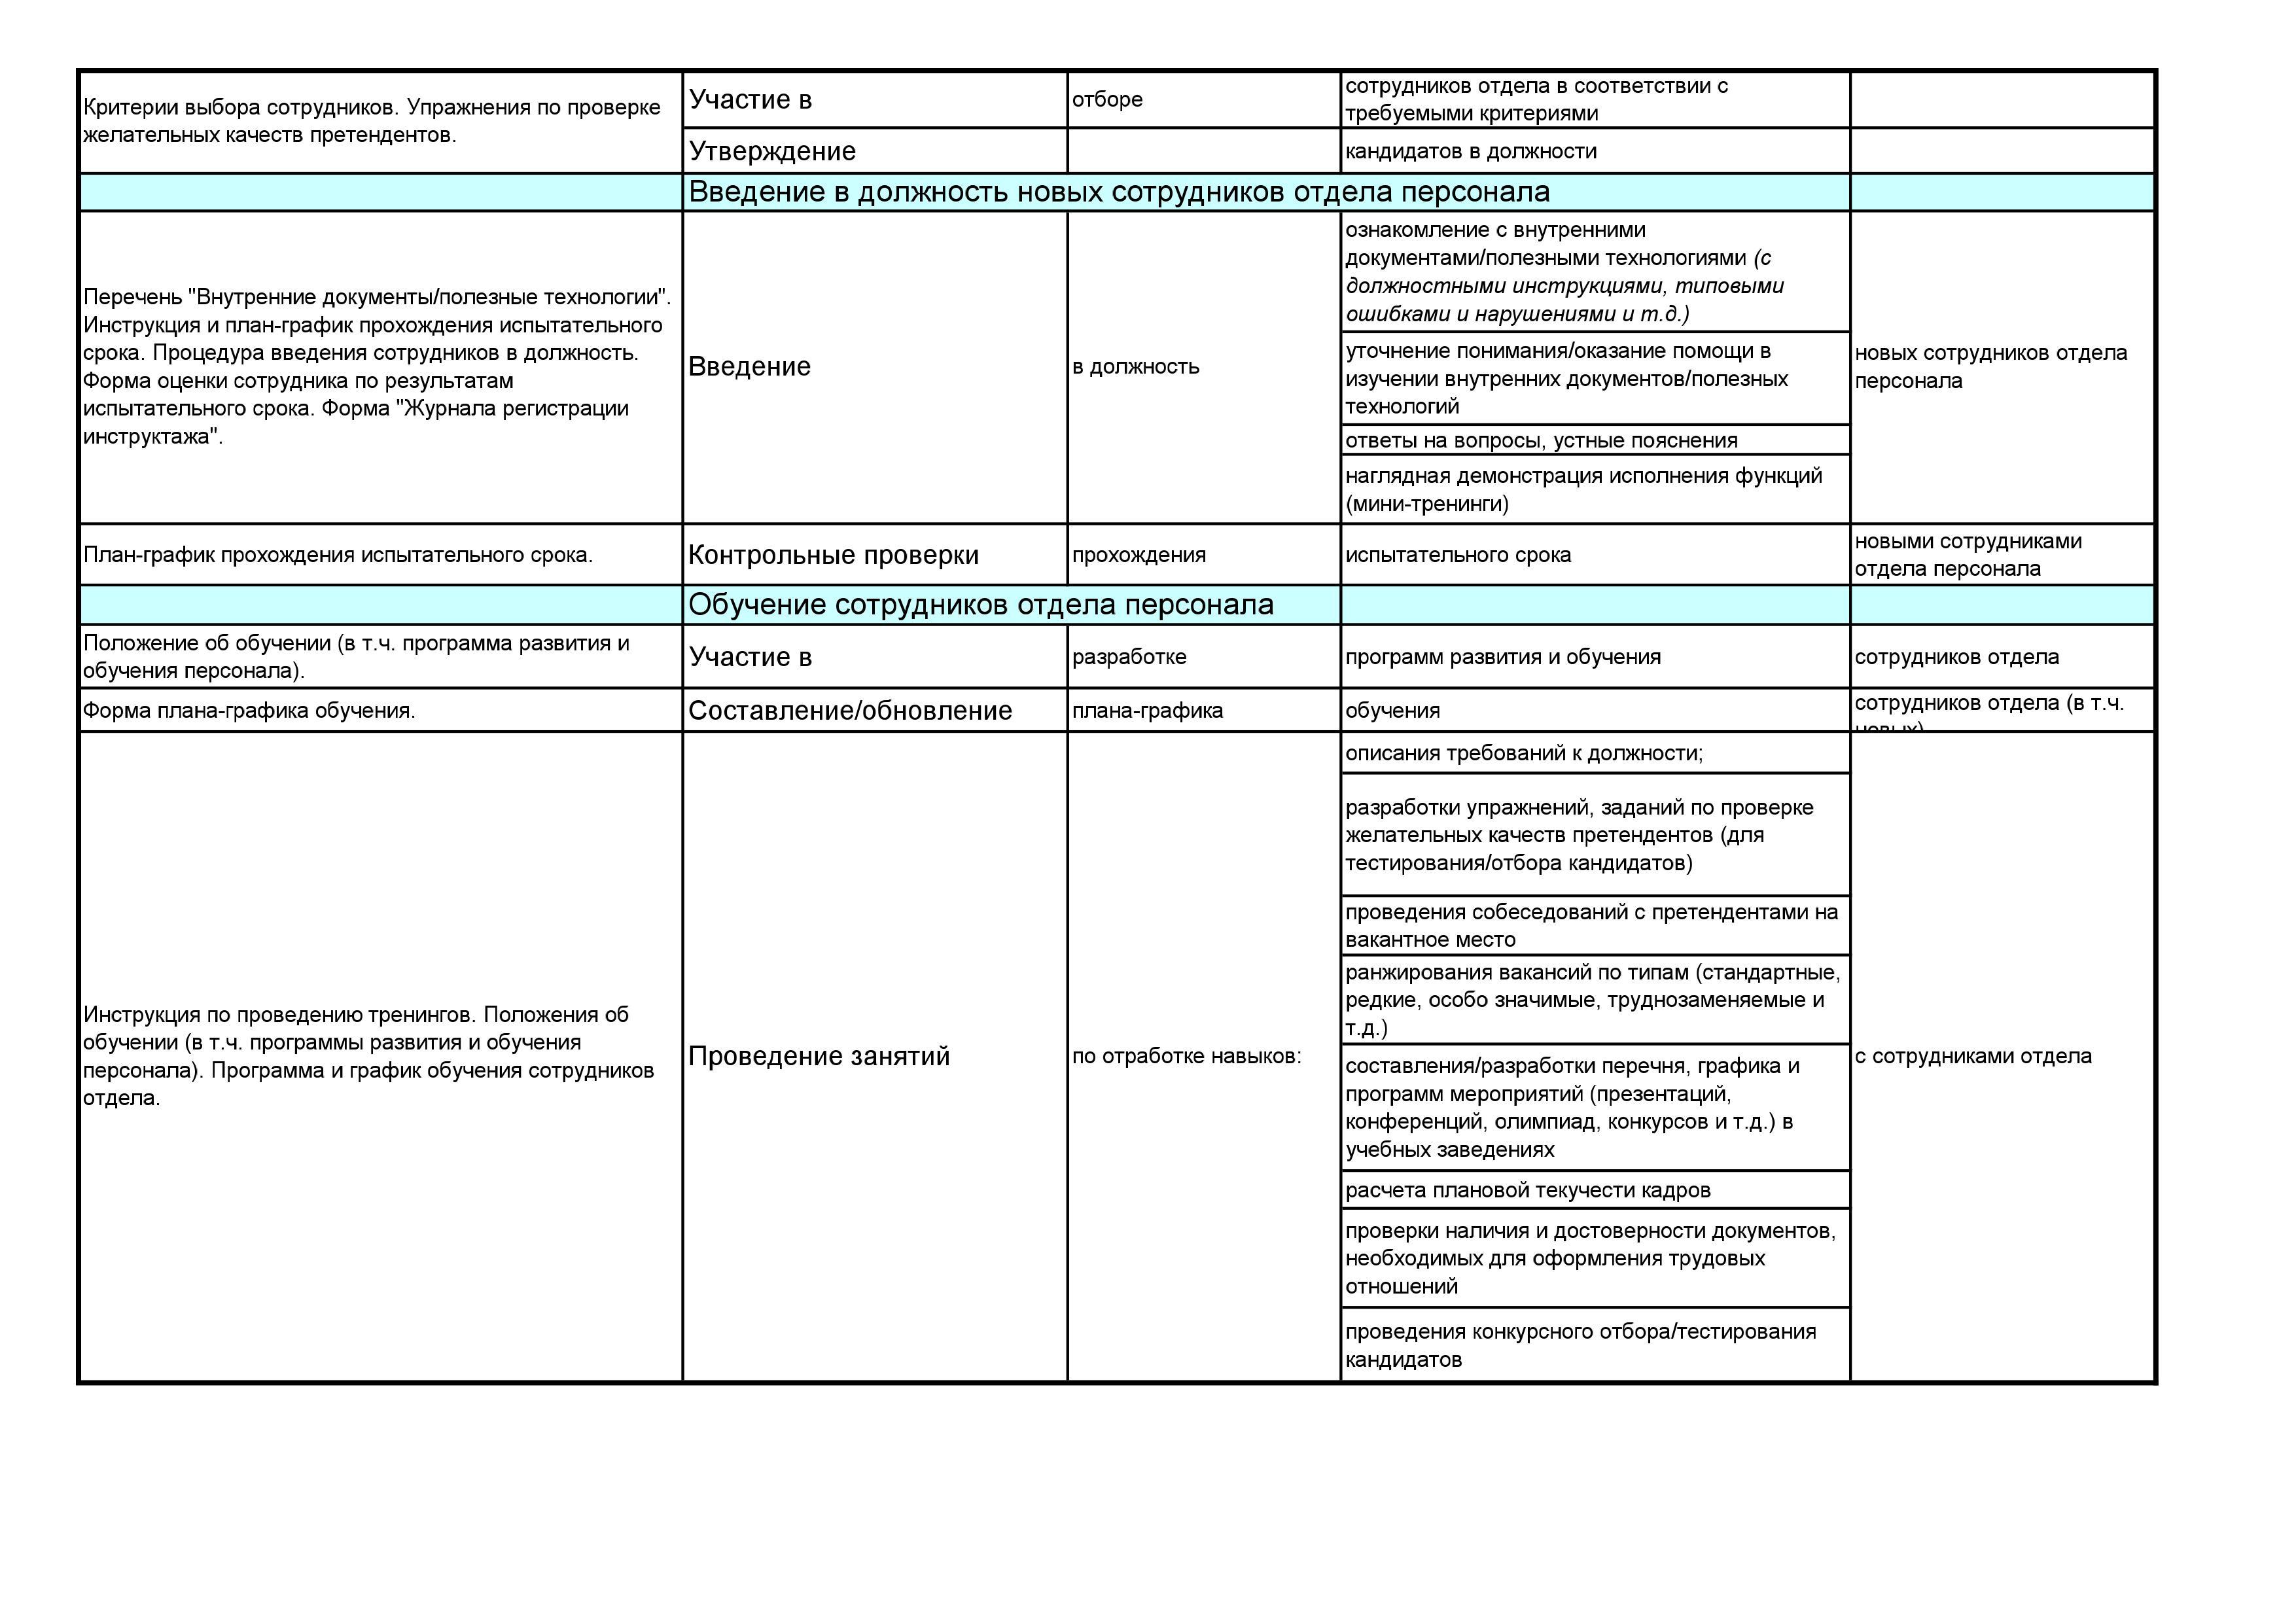 инструкция отдела архитектурно-строительного начальник должностная